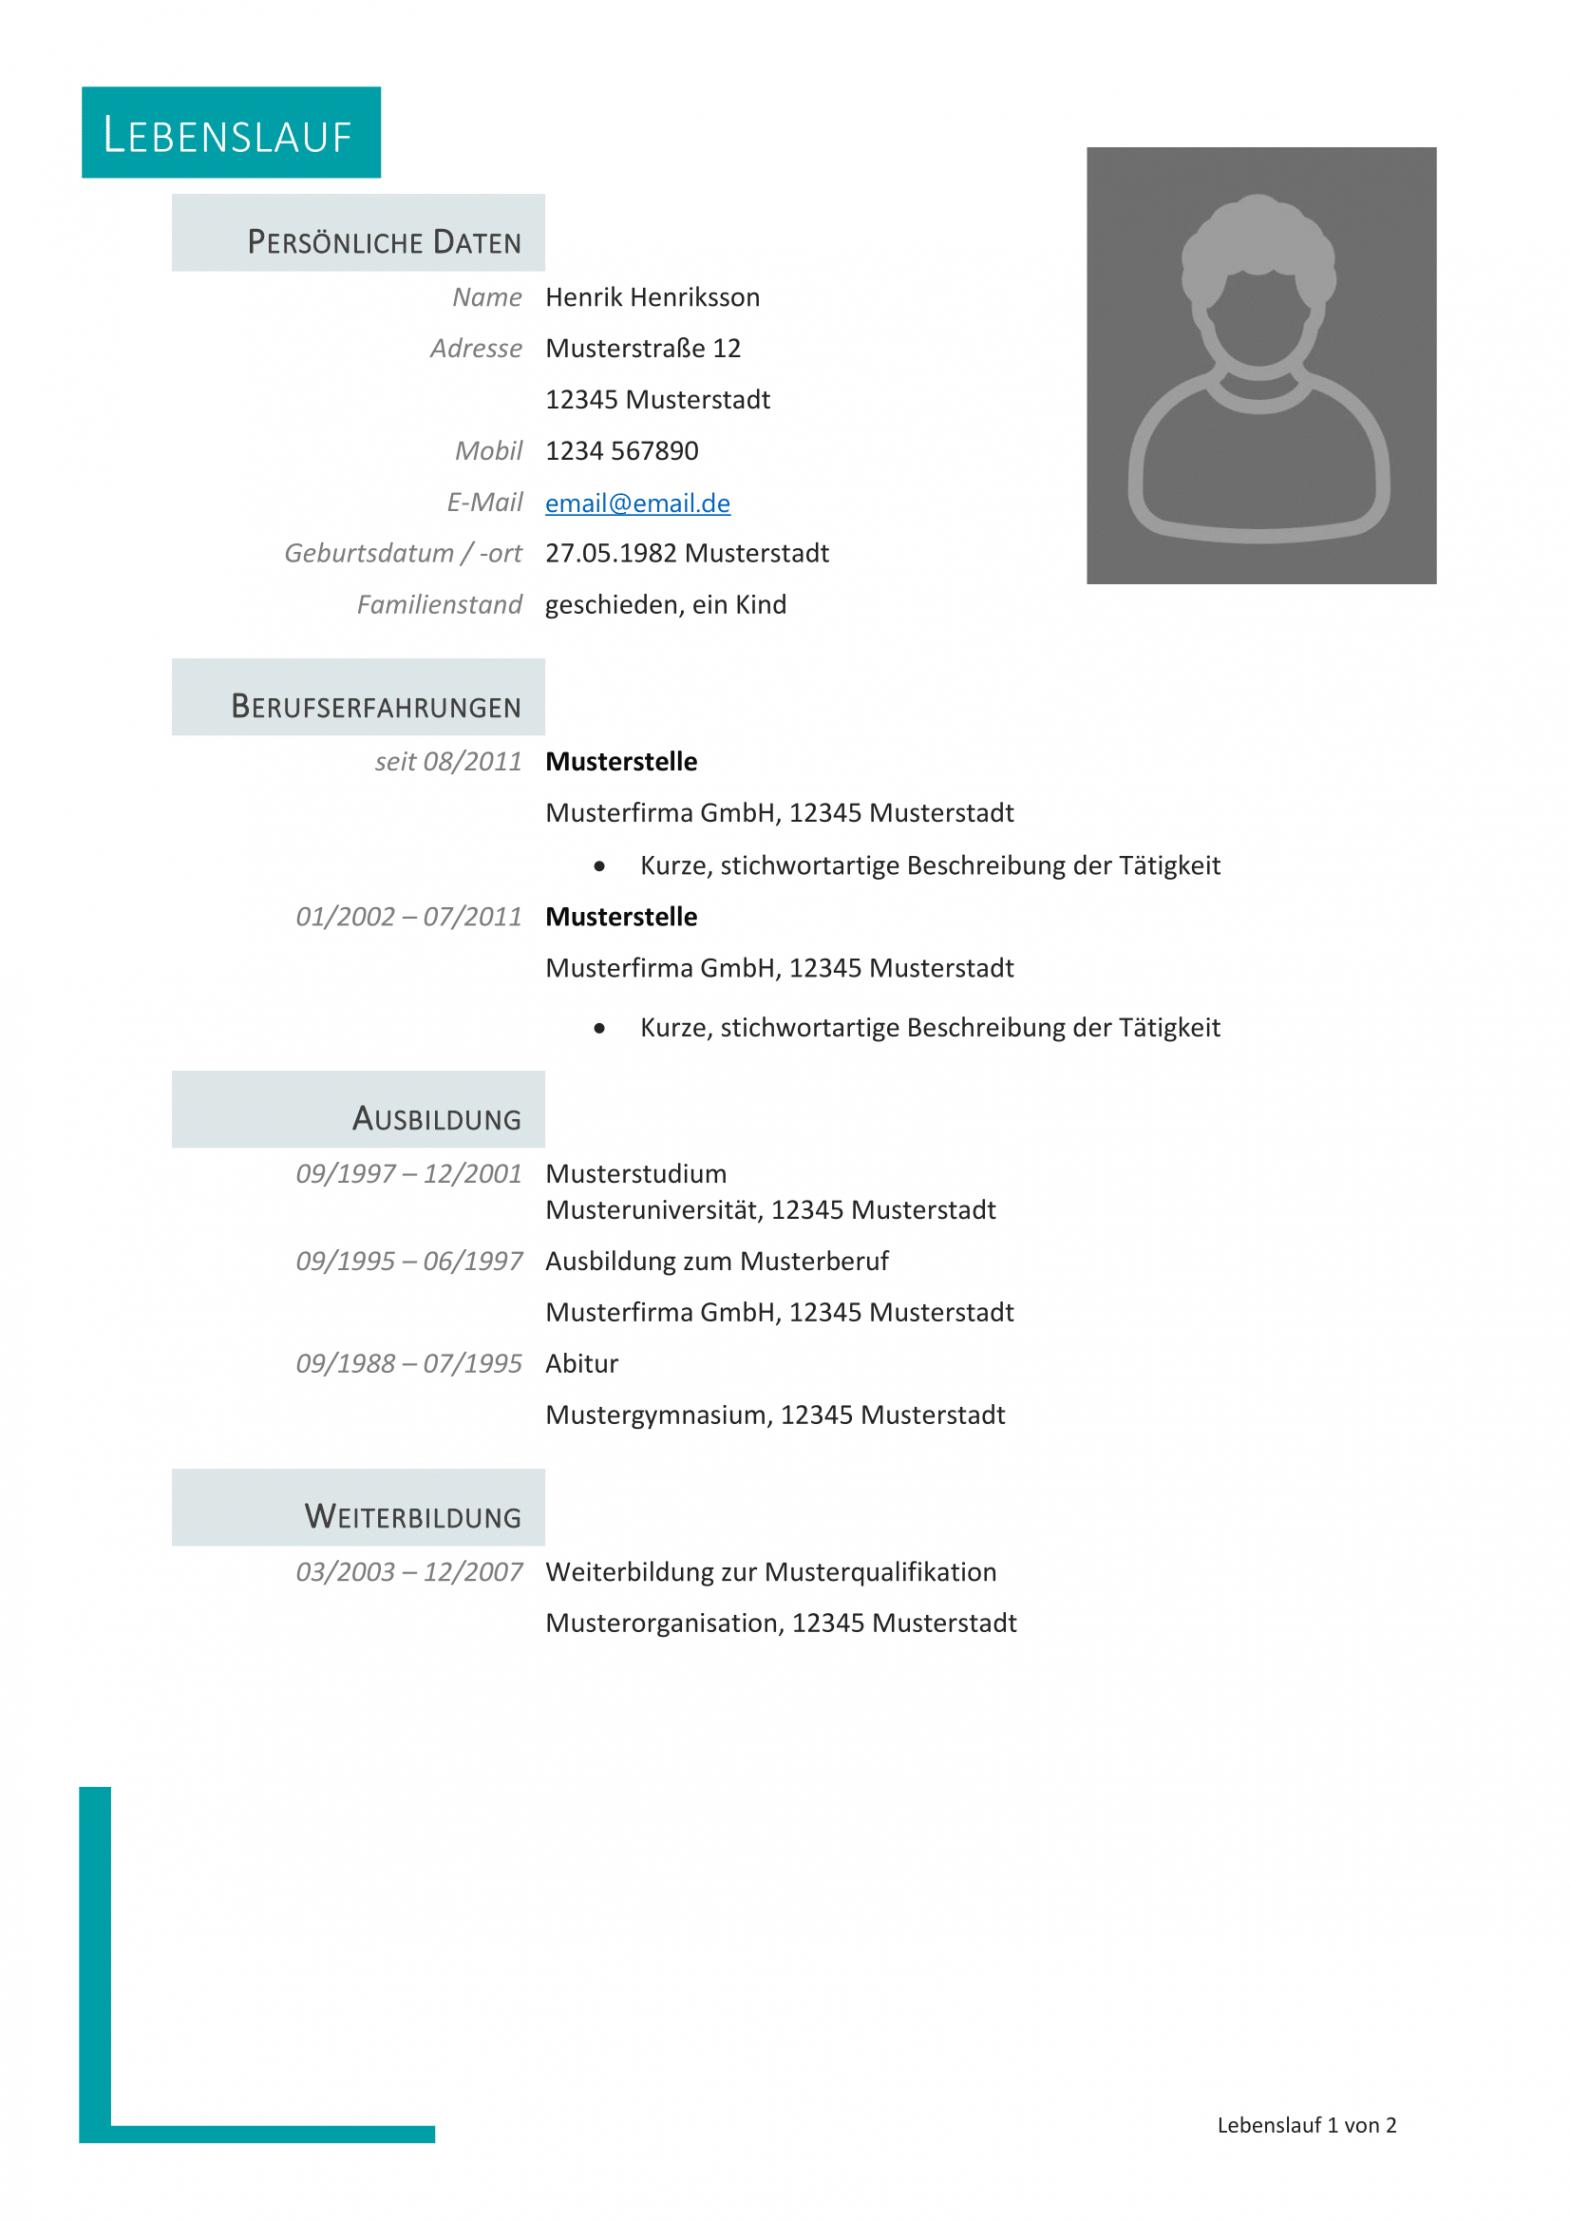 Porbe von  Kostenlose Lebenslauf Muster Und Vorlagen Für Deine Bewerbung 2018 Lebenslauf Vorlage Schüler Xing